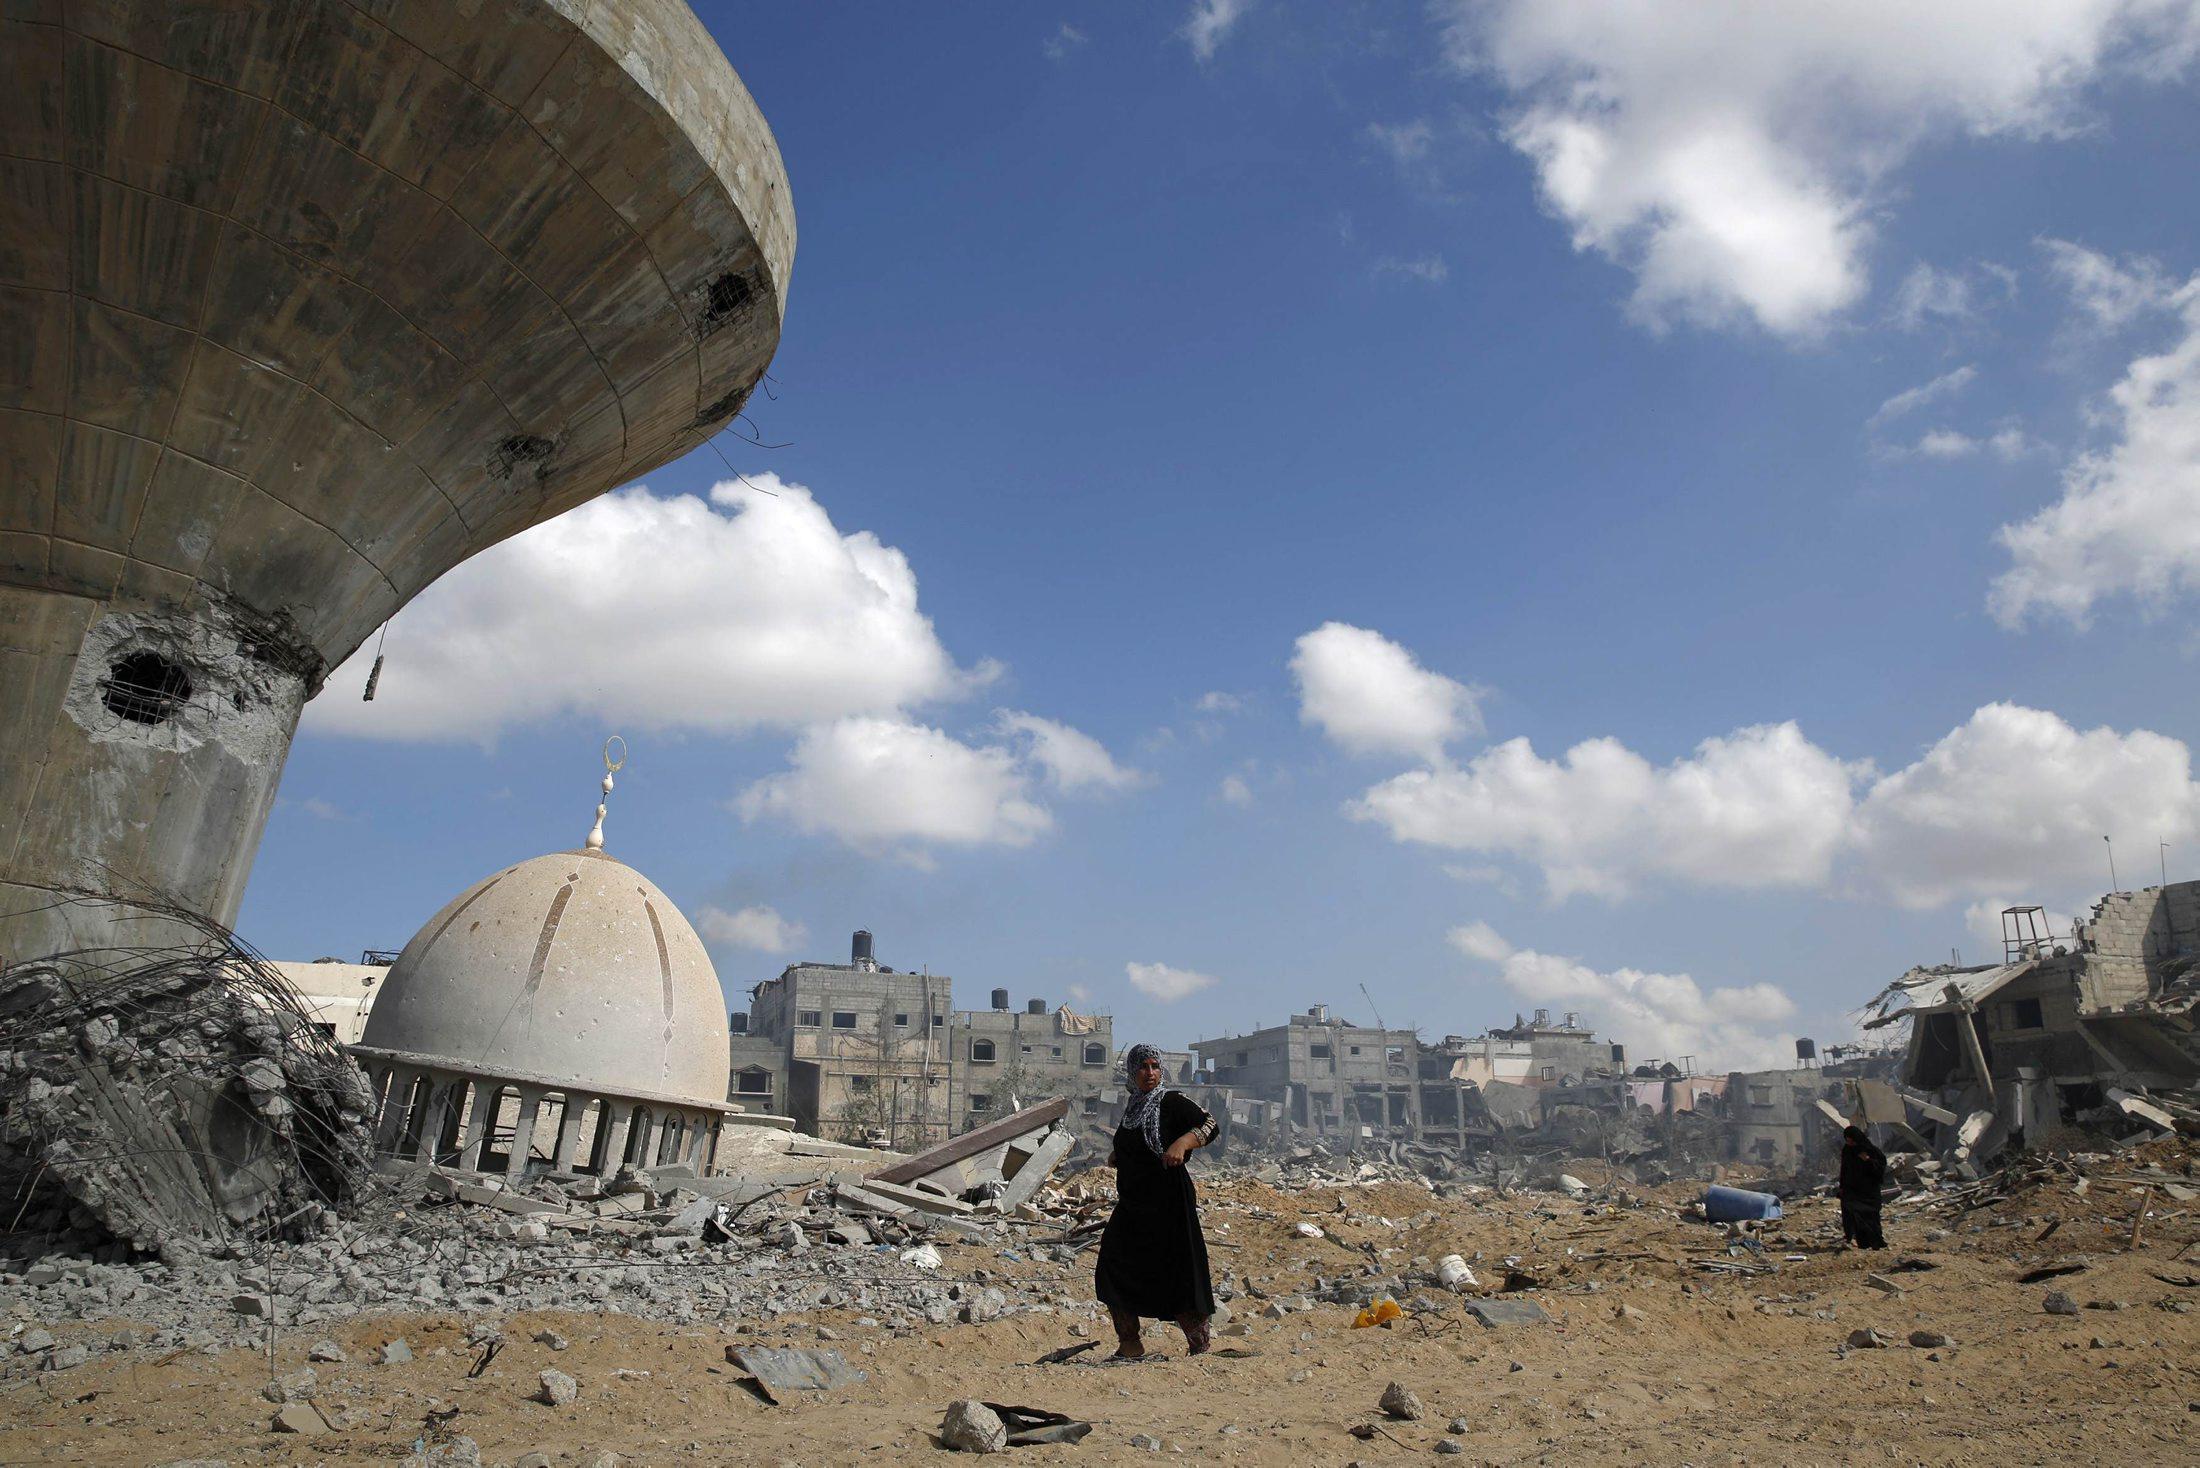 إسرائيل سحبت معظم قواتها من قطاع غزة لكنها تدعي الانتصار!